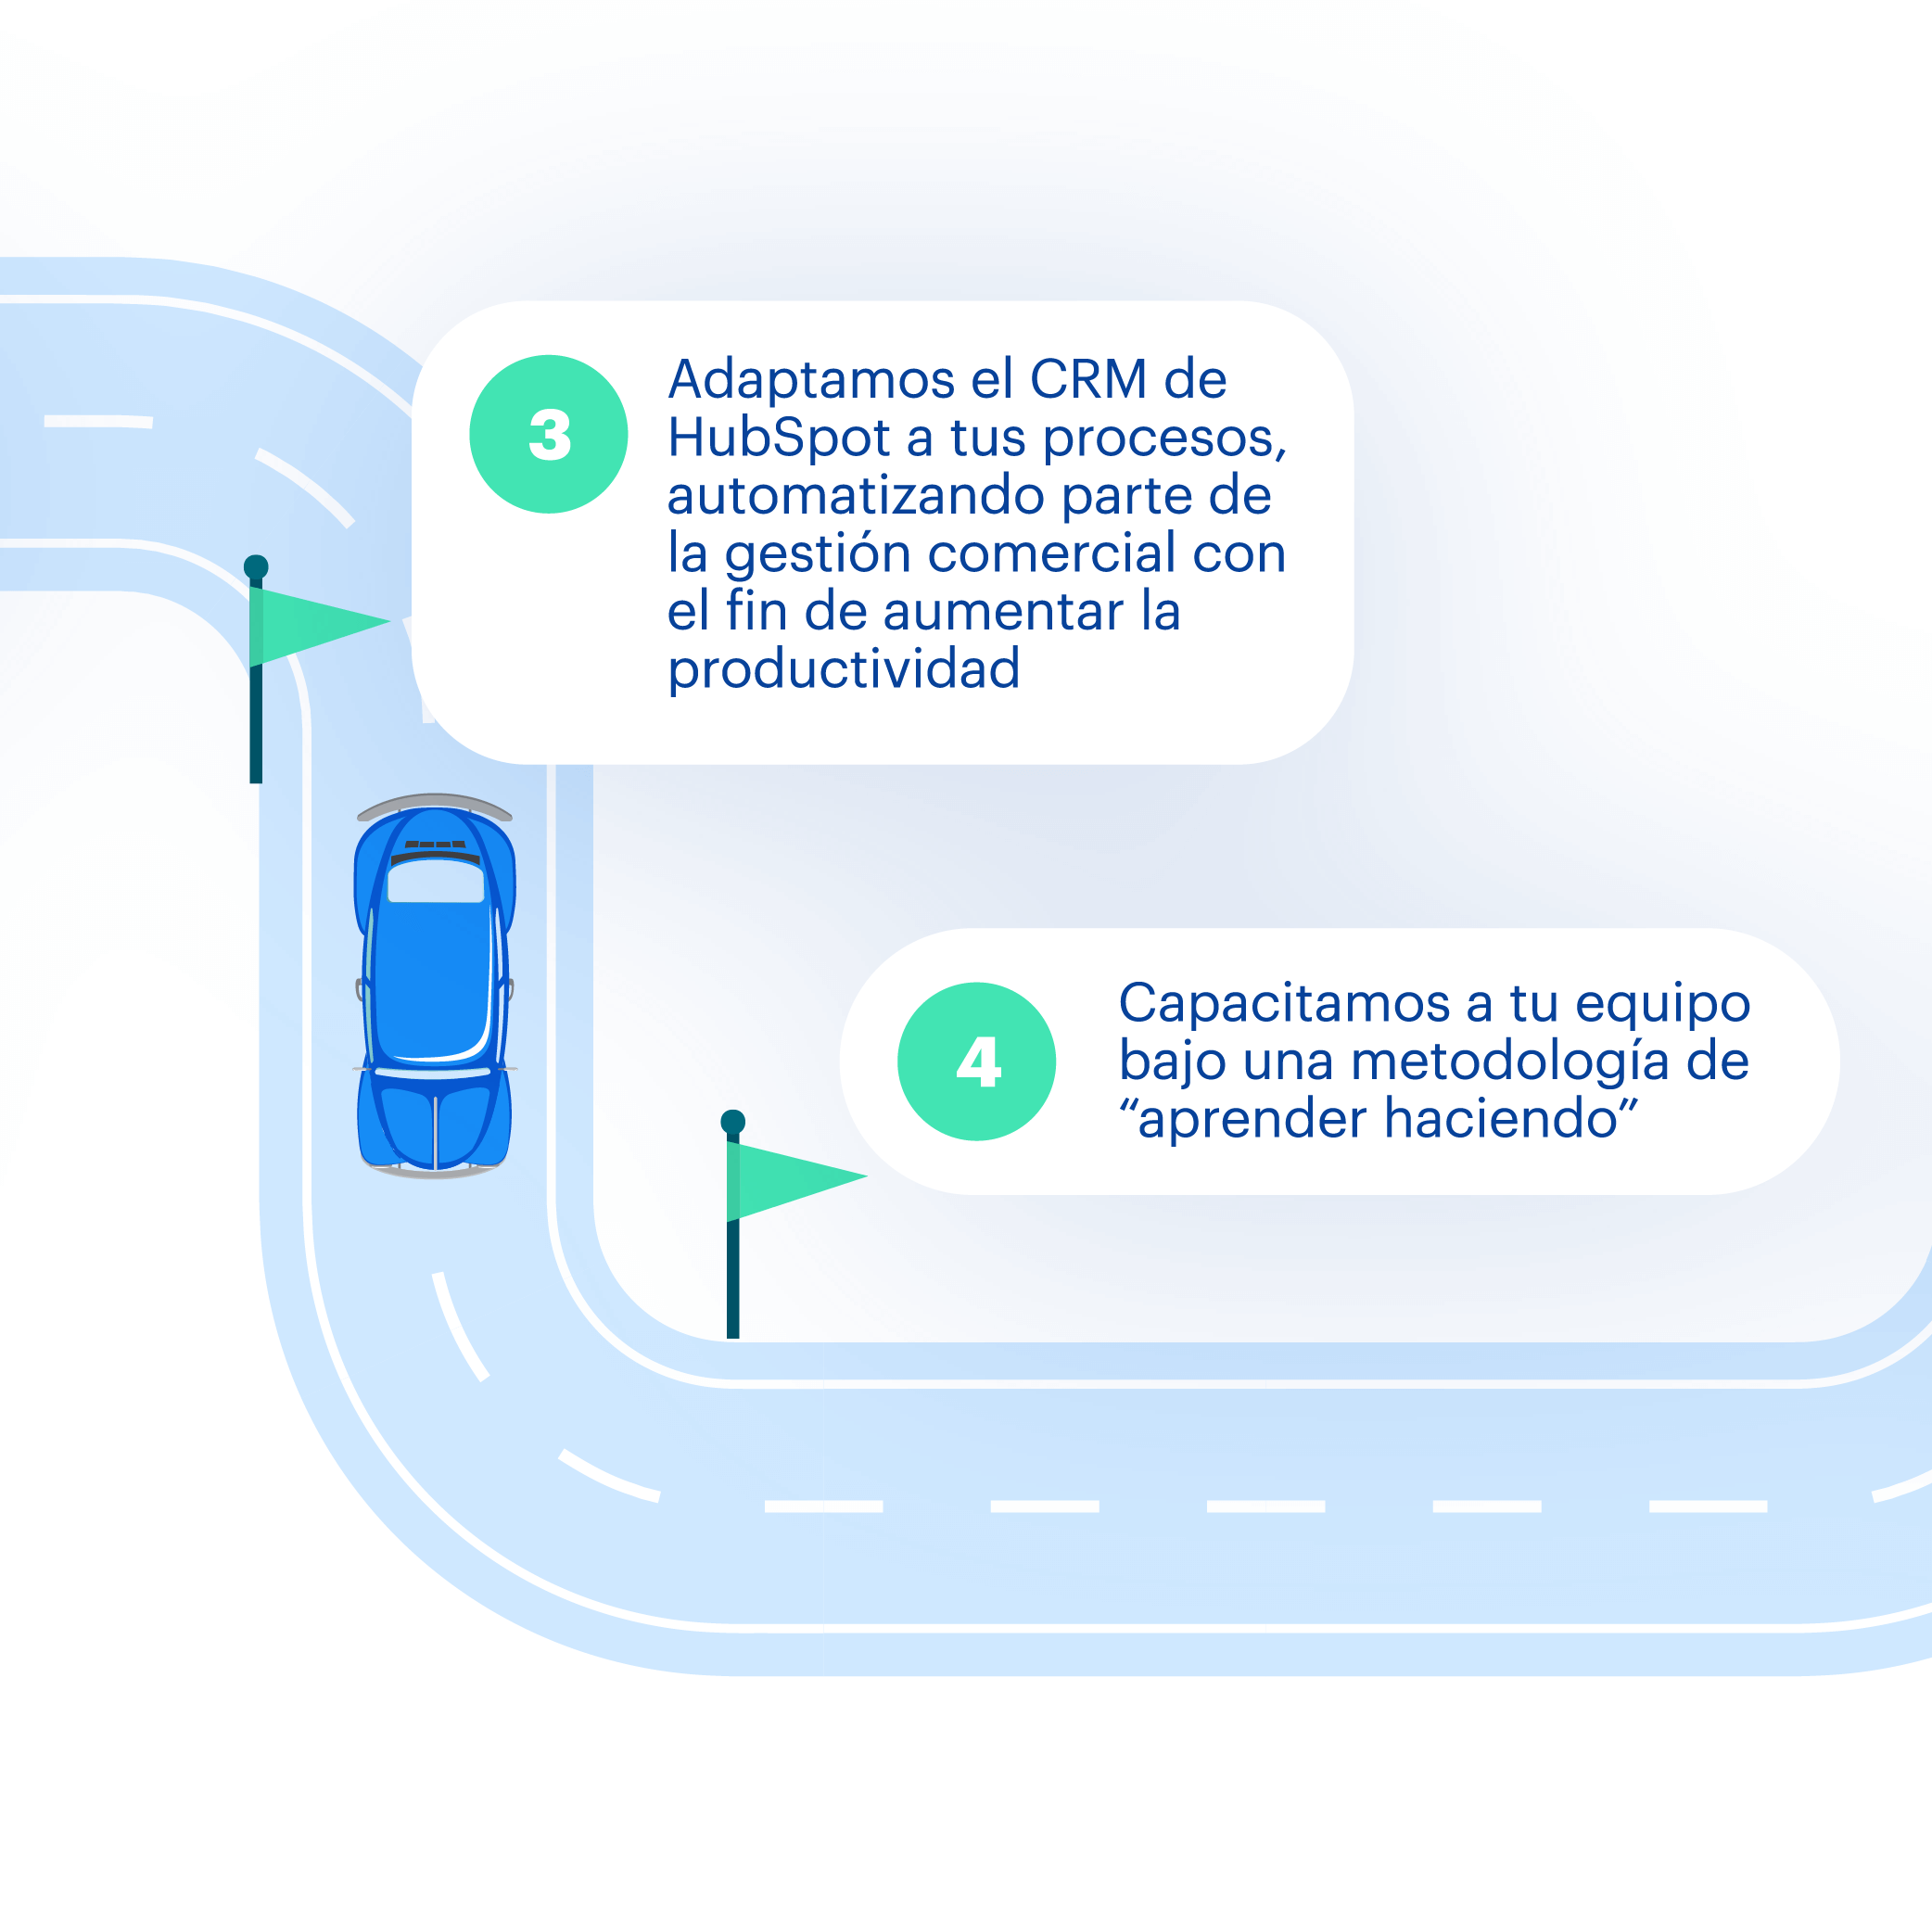 Carretera-infografia-02.png